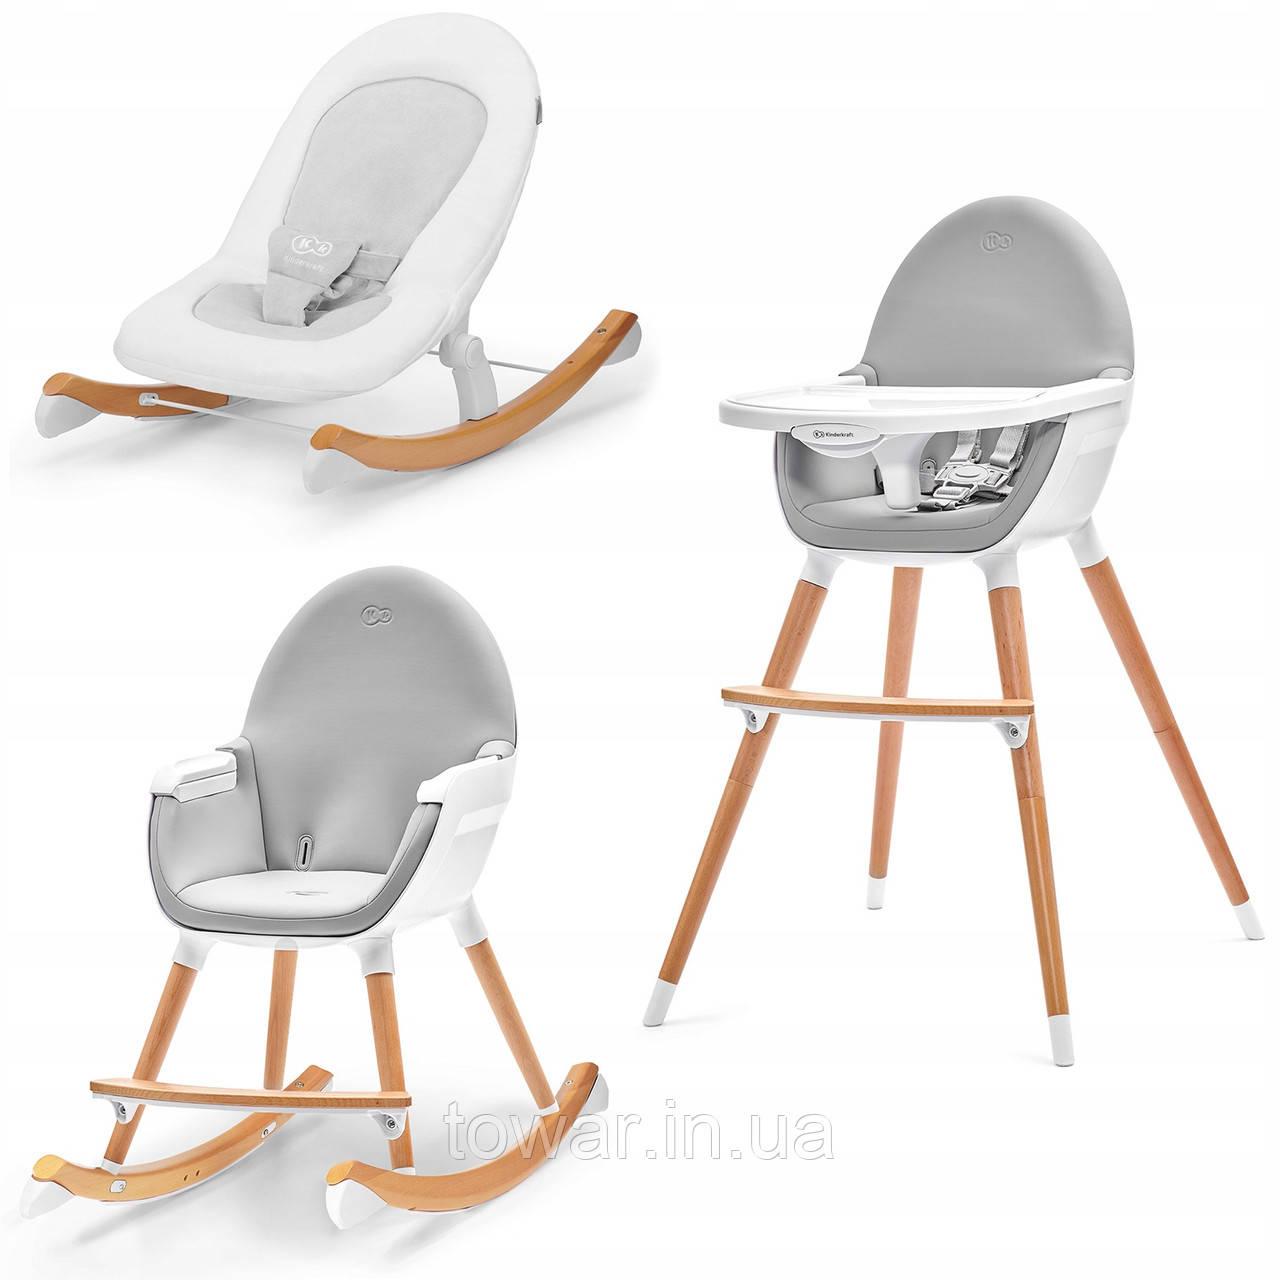 Детский стульчик FINI + кресло-качалка FINIO